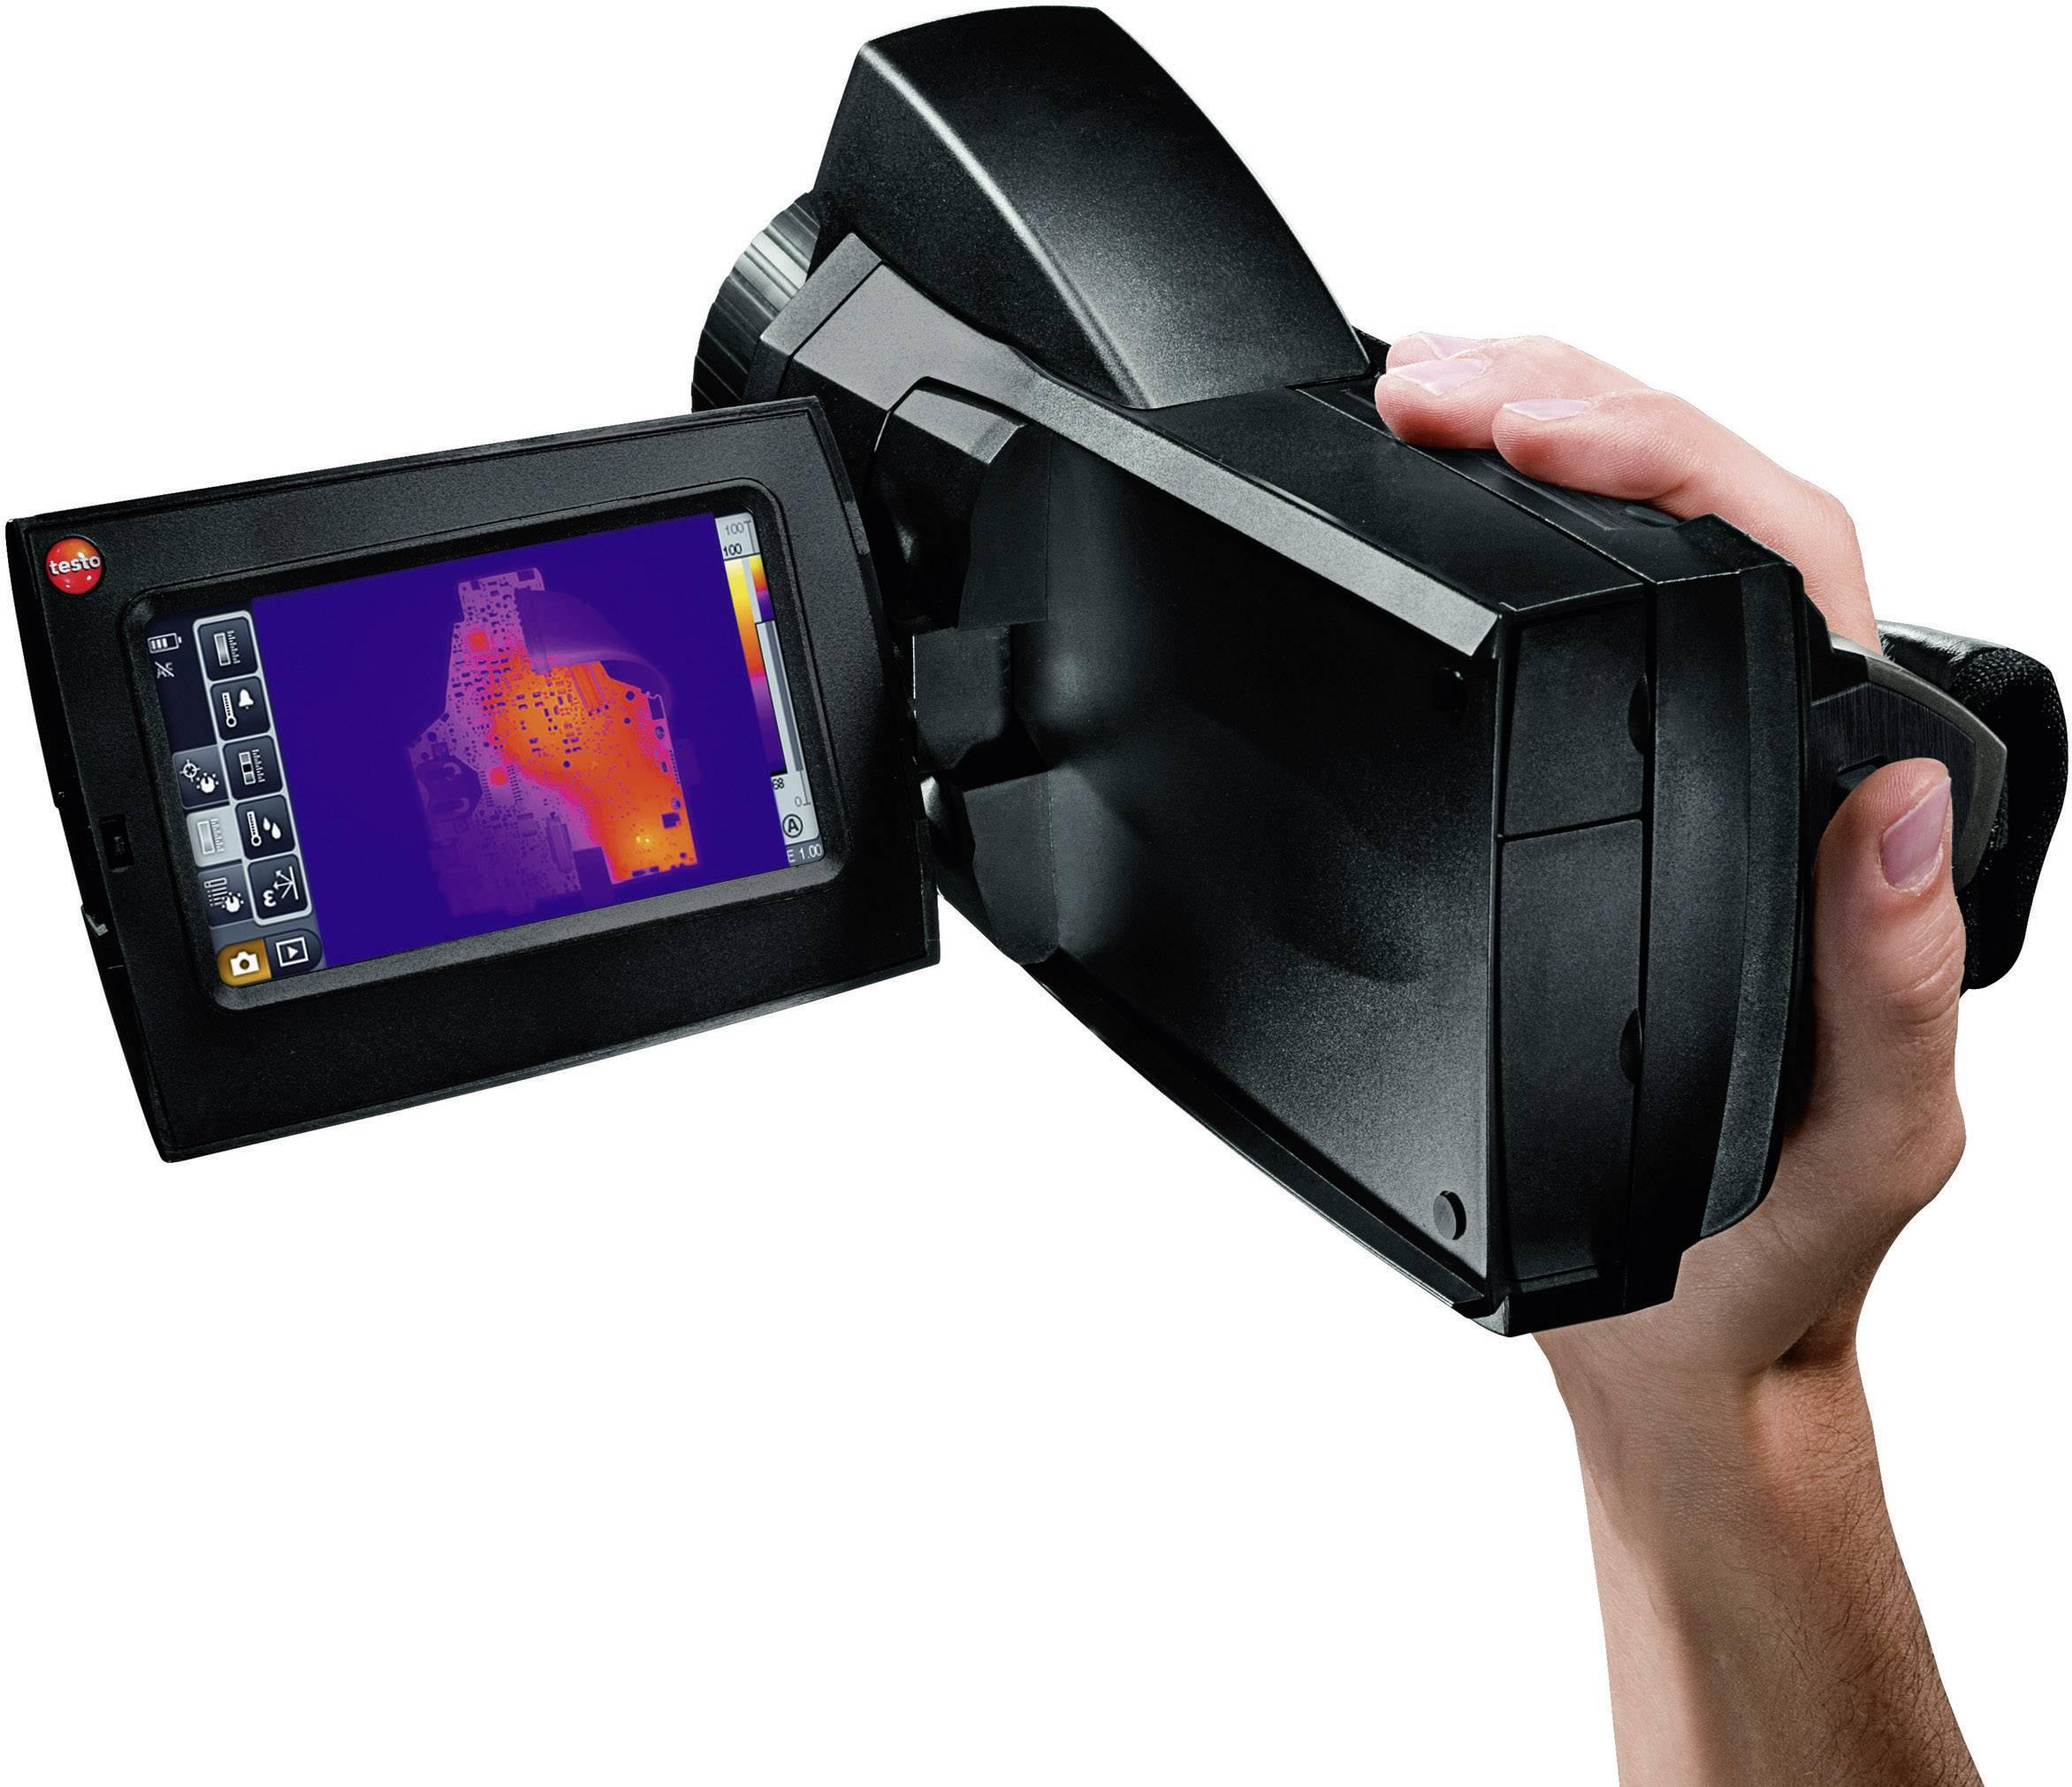 Termálna kamera testo 890-2 Set 0563 0890 V3, 640 x 320 pix